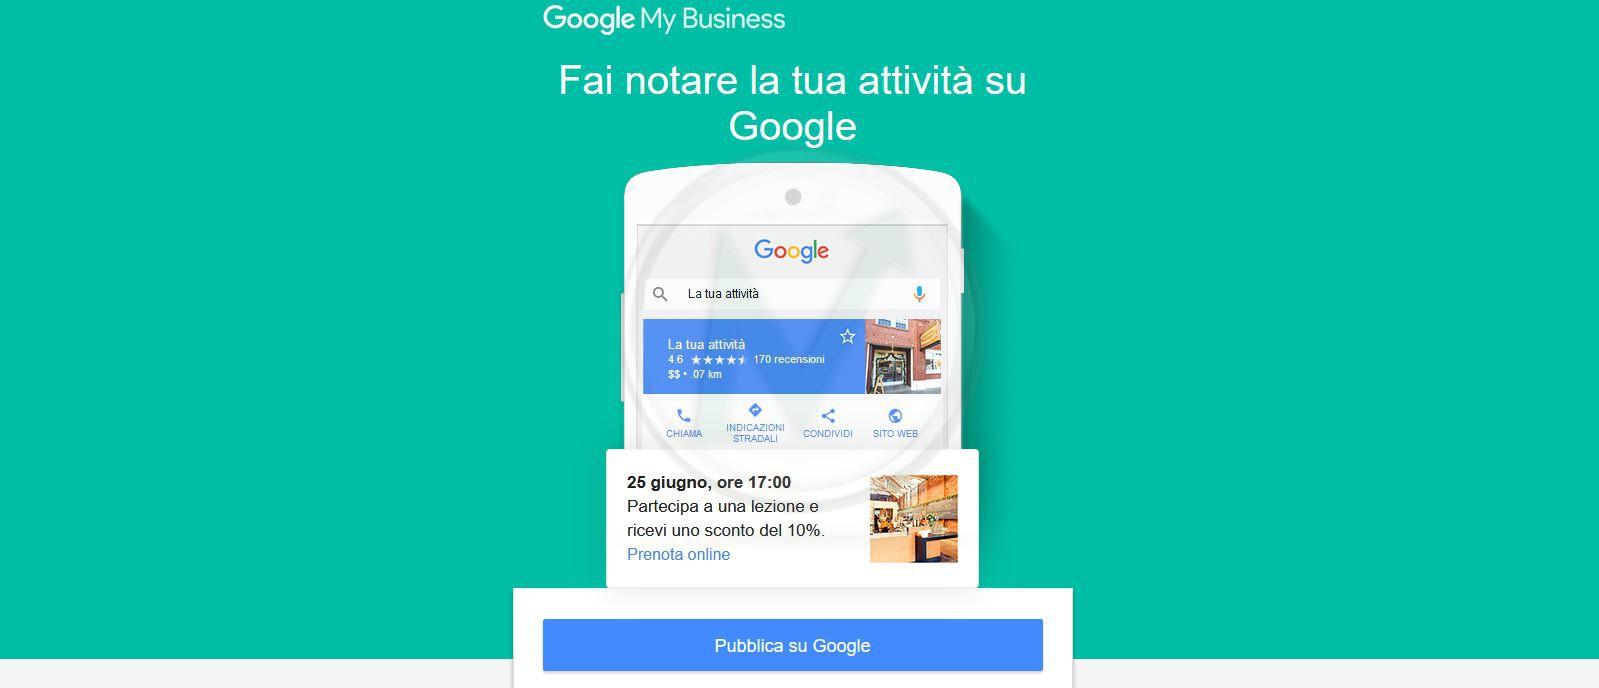 Fai notare la tua attività su Google con i POST sulla scheda di Google Business